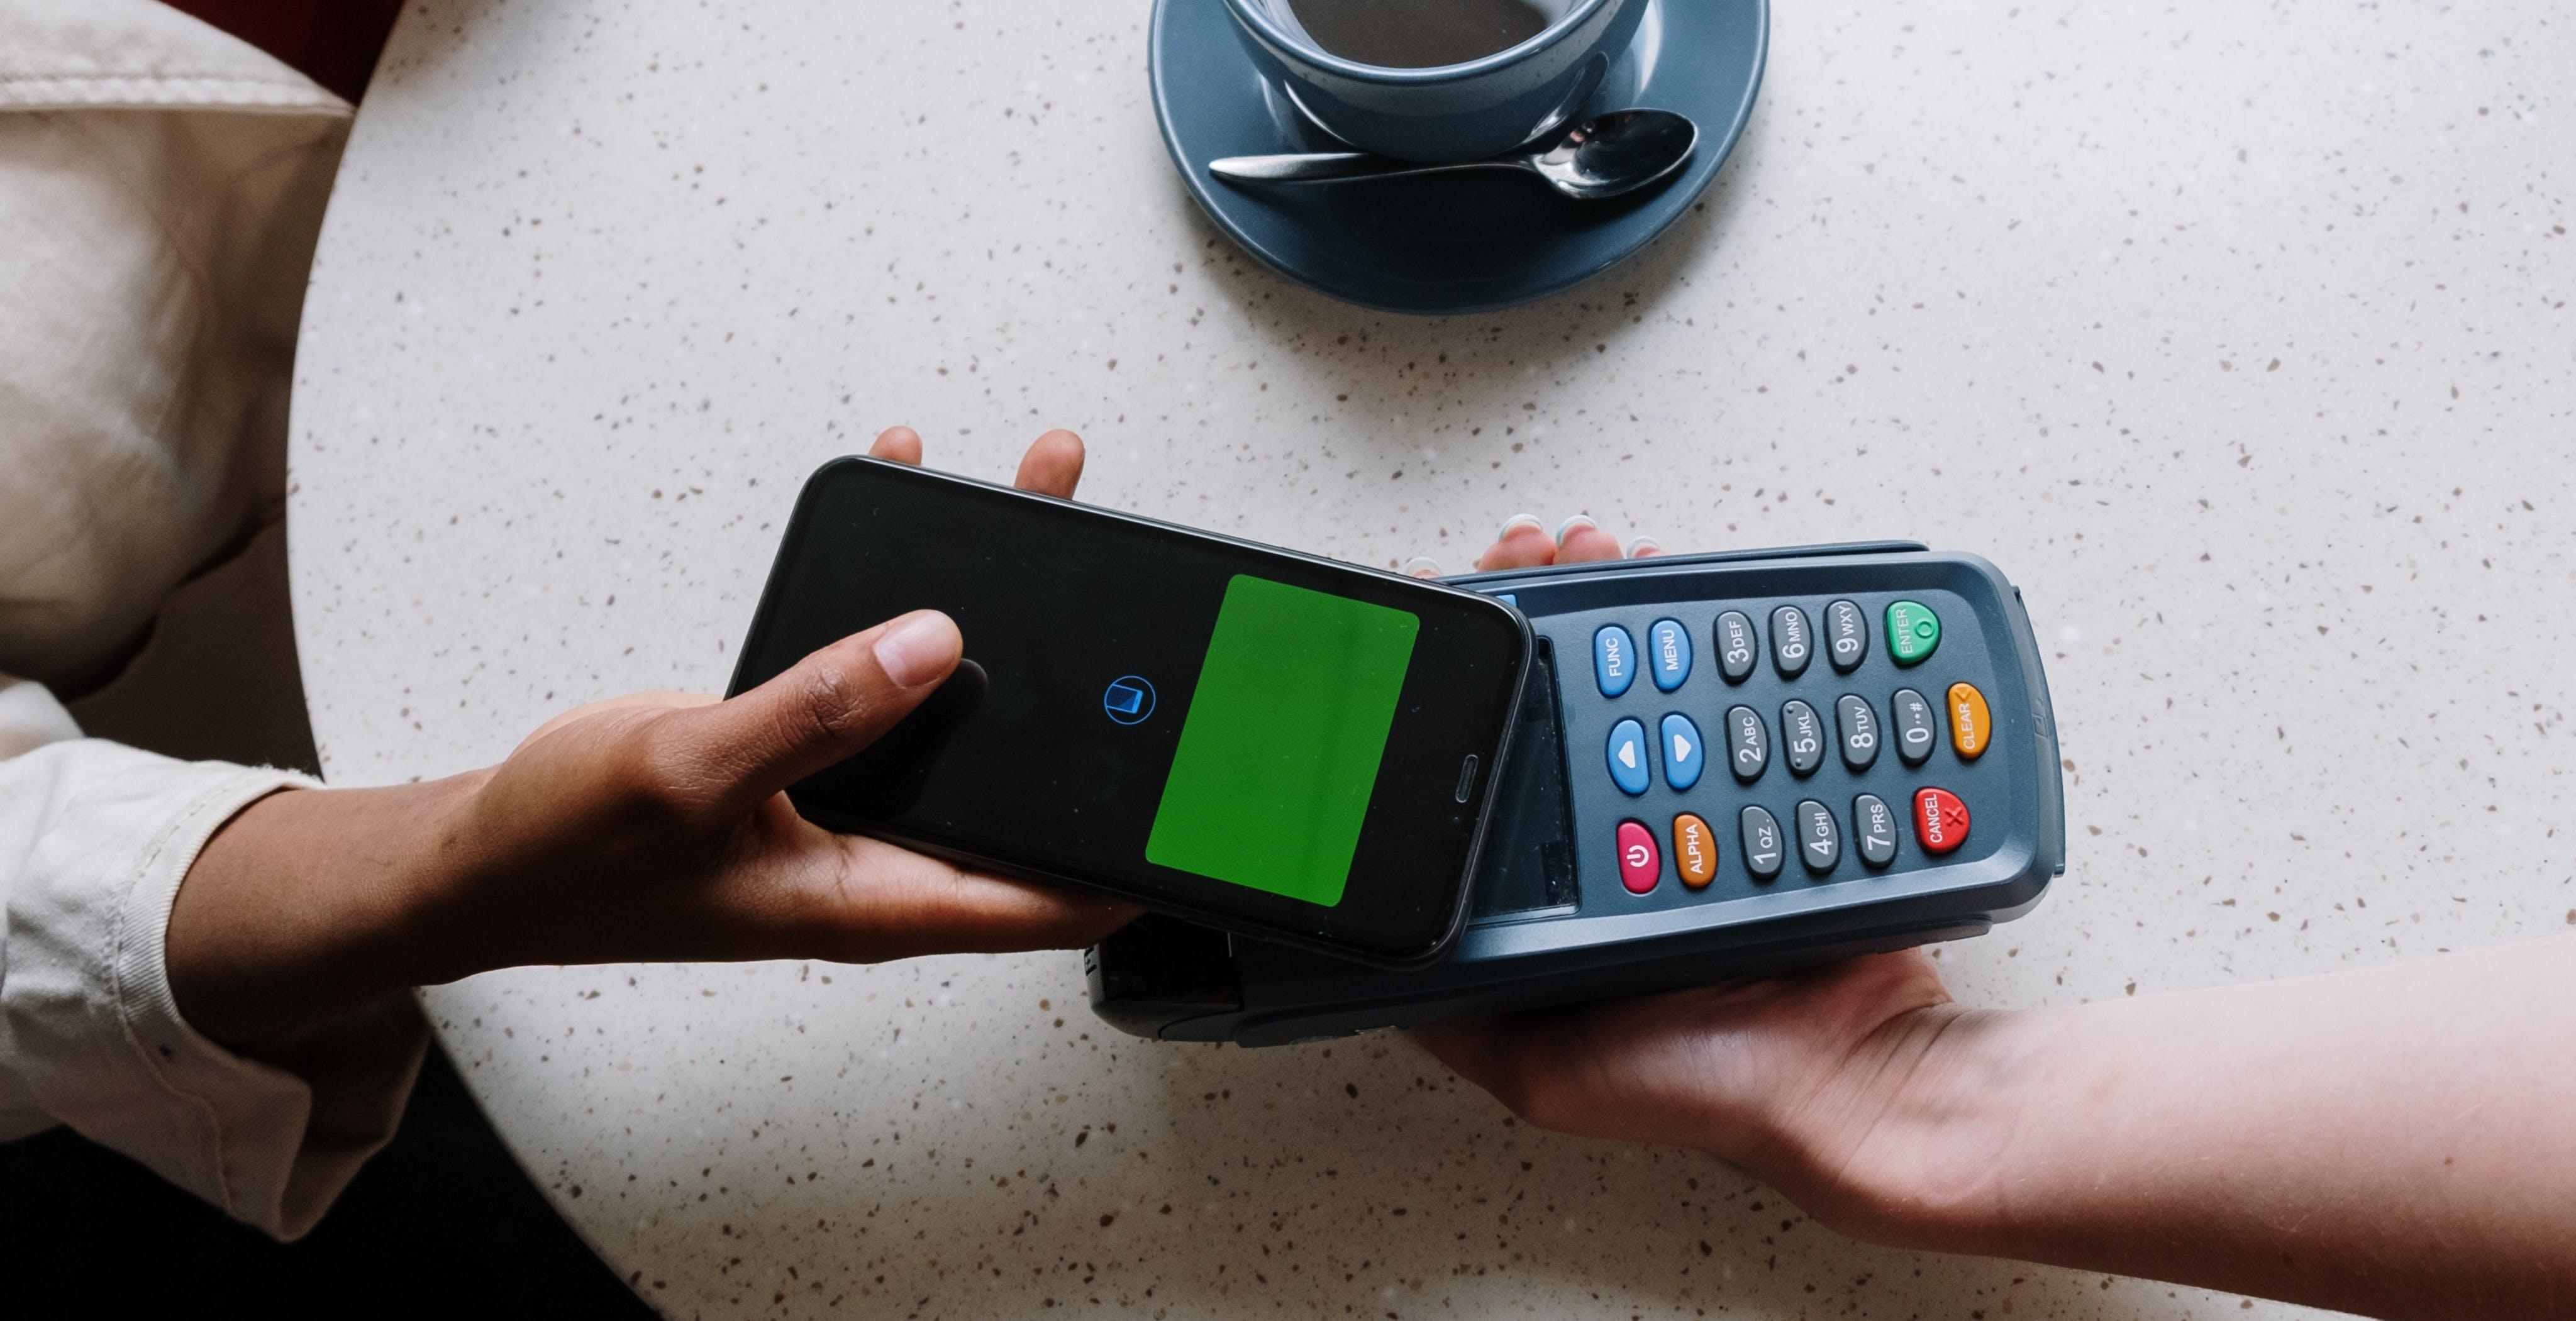 L'UE potrebbe obbligare Apple ad aprire l'NFC ai sistemi di pagamento terzi